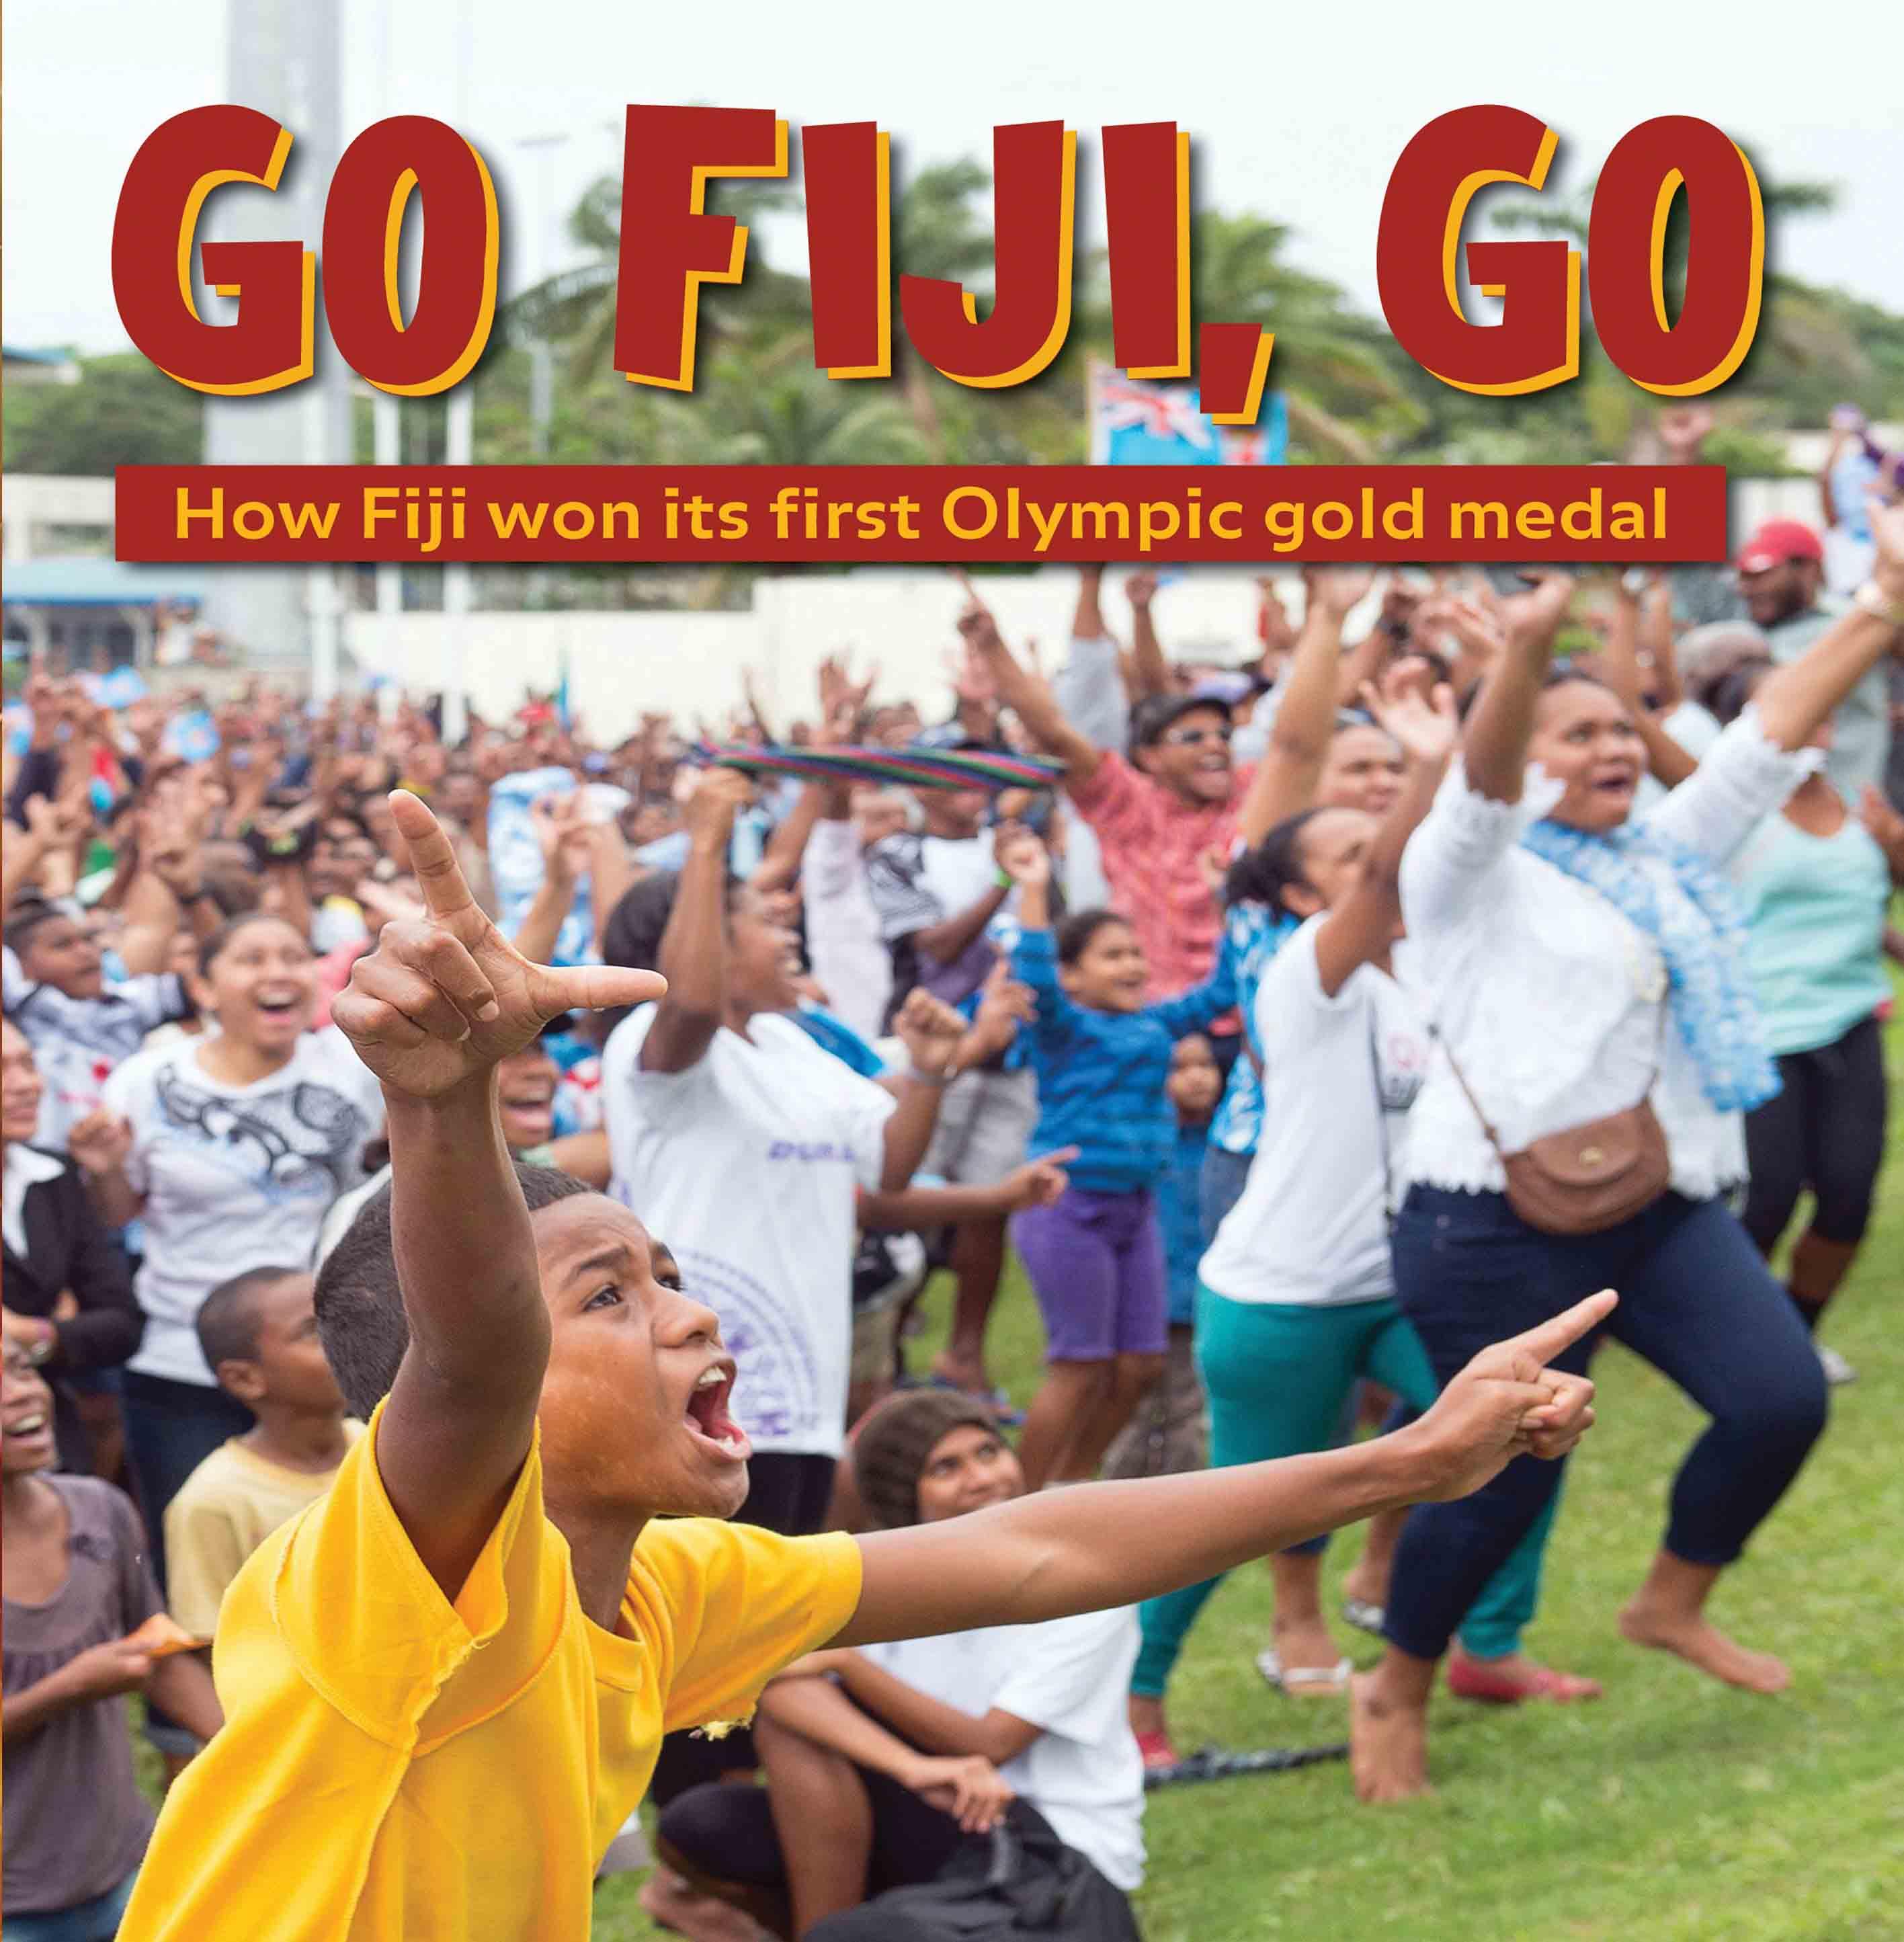 Go Fiji, Go